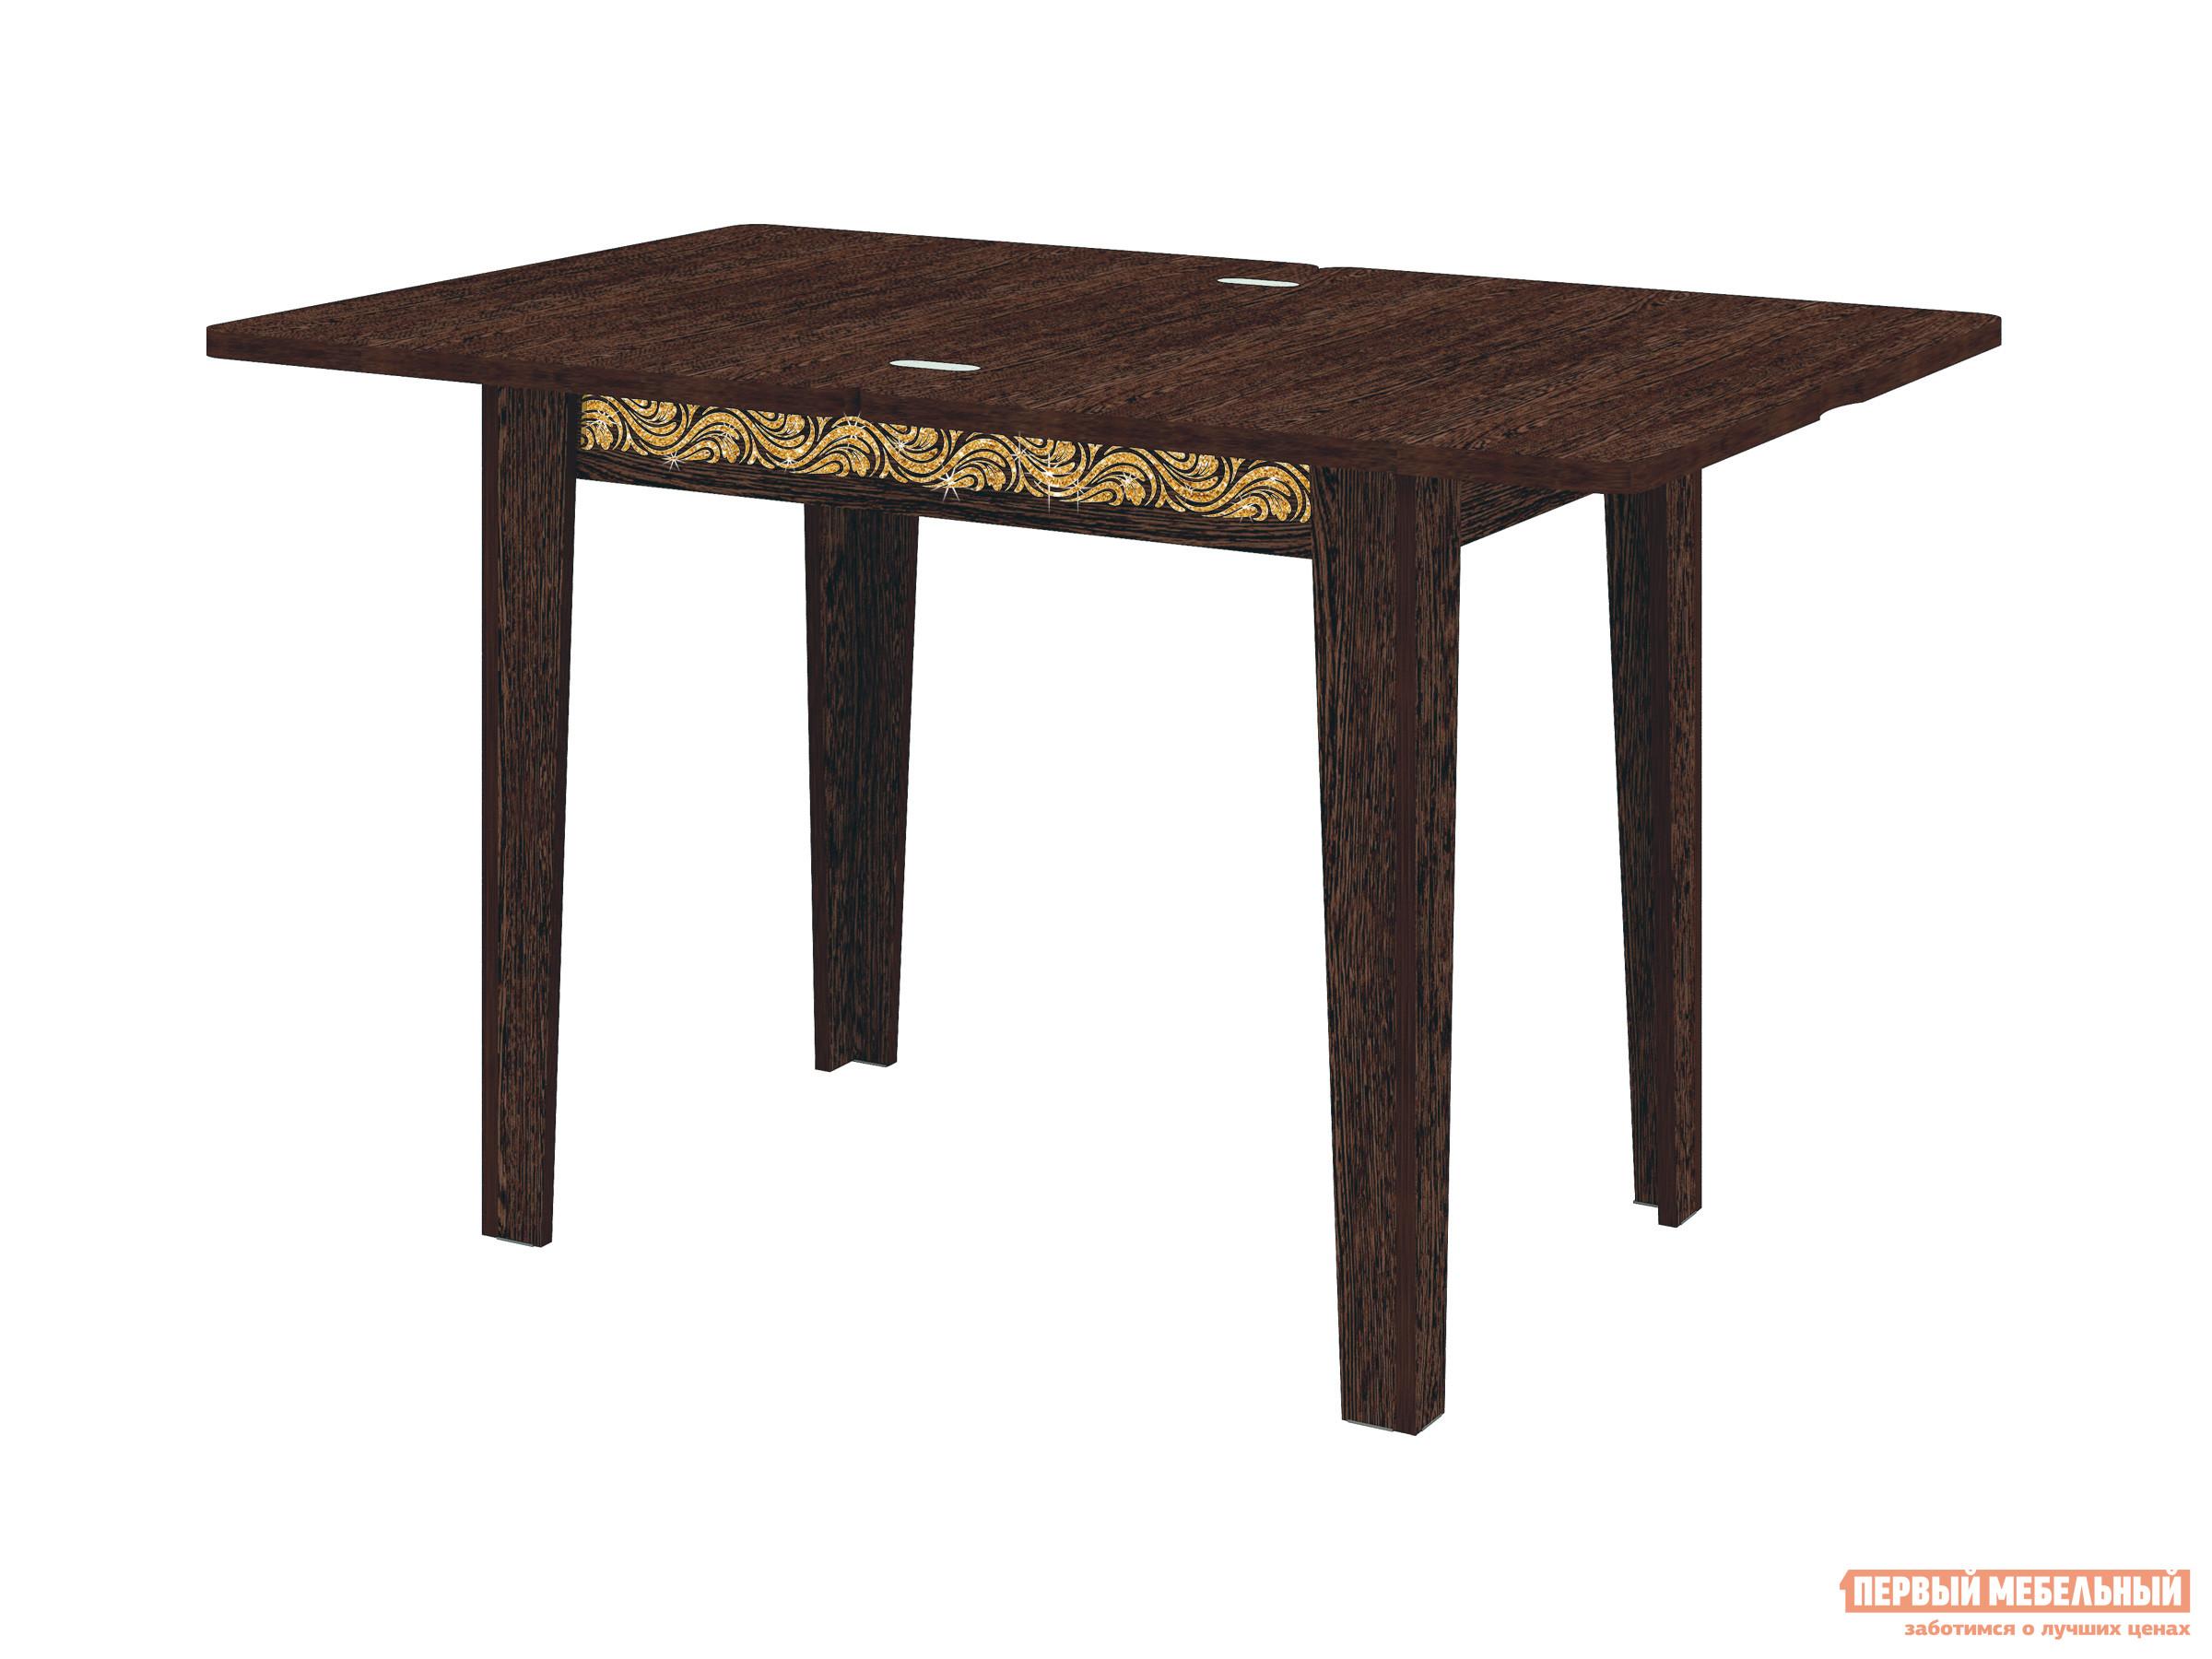 Купить со скидкой Кухонный стол Витра Орфей-26.10 Лайт Венге